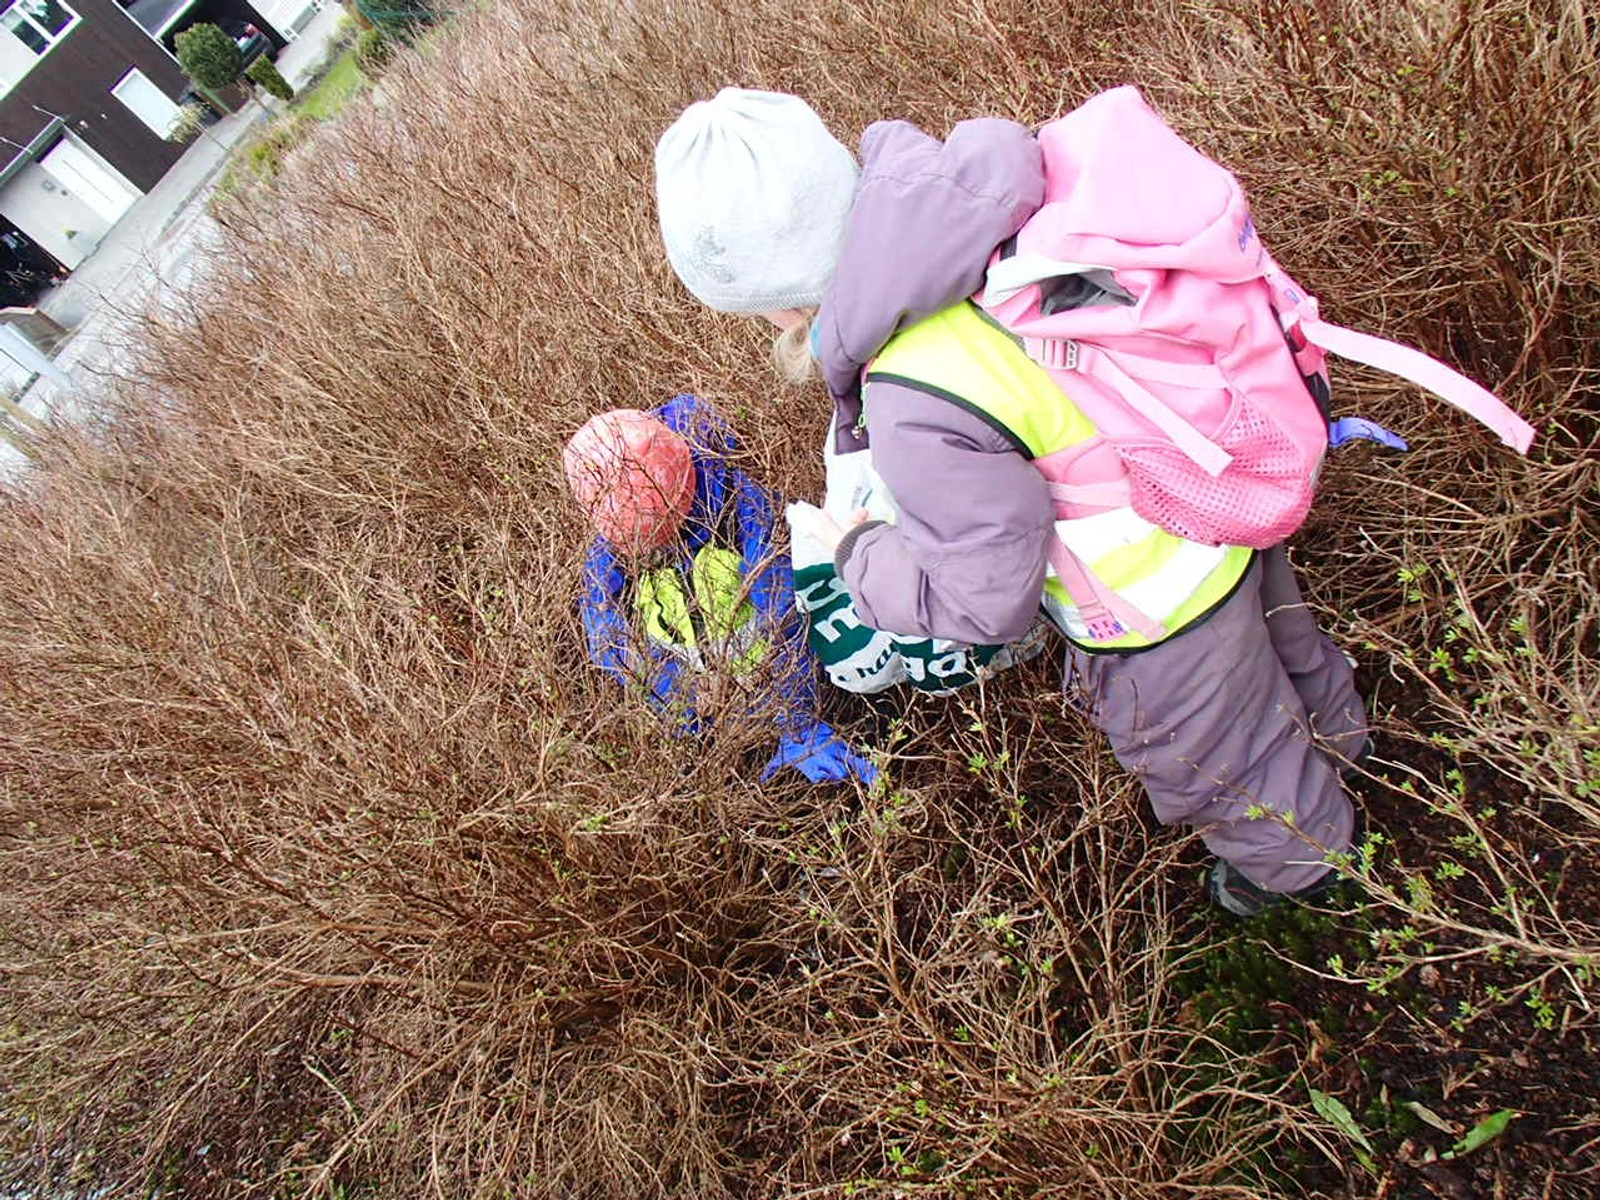 Eventyrberge barnehage, avdeling Ugletreet, har i dag vært ute og plukket søppel på Skadberg.